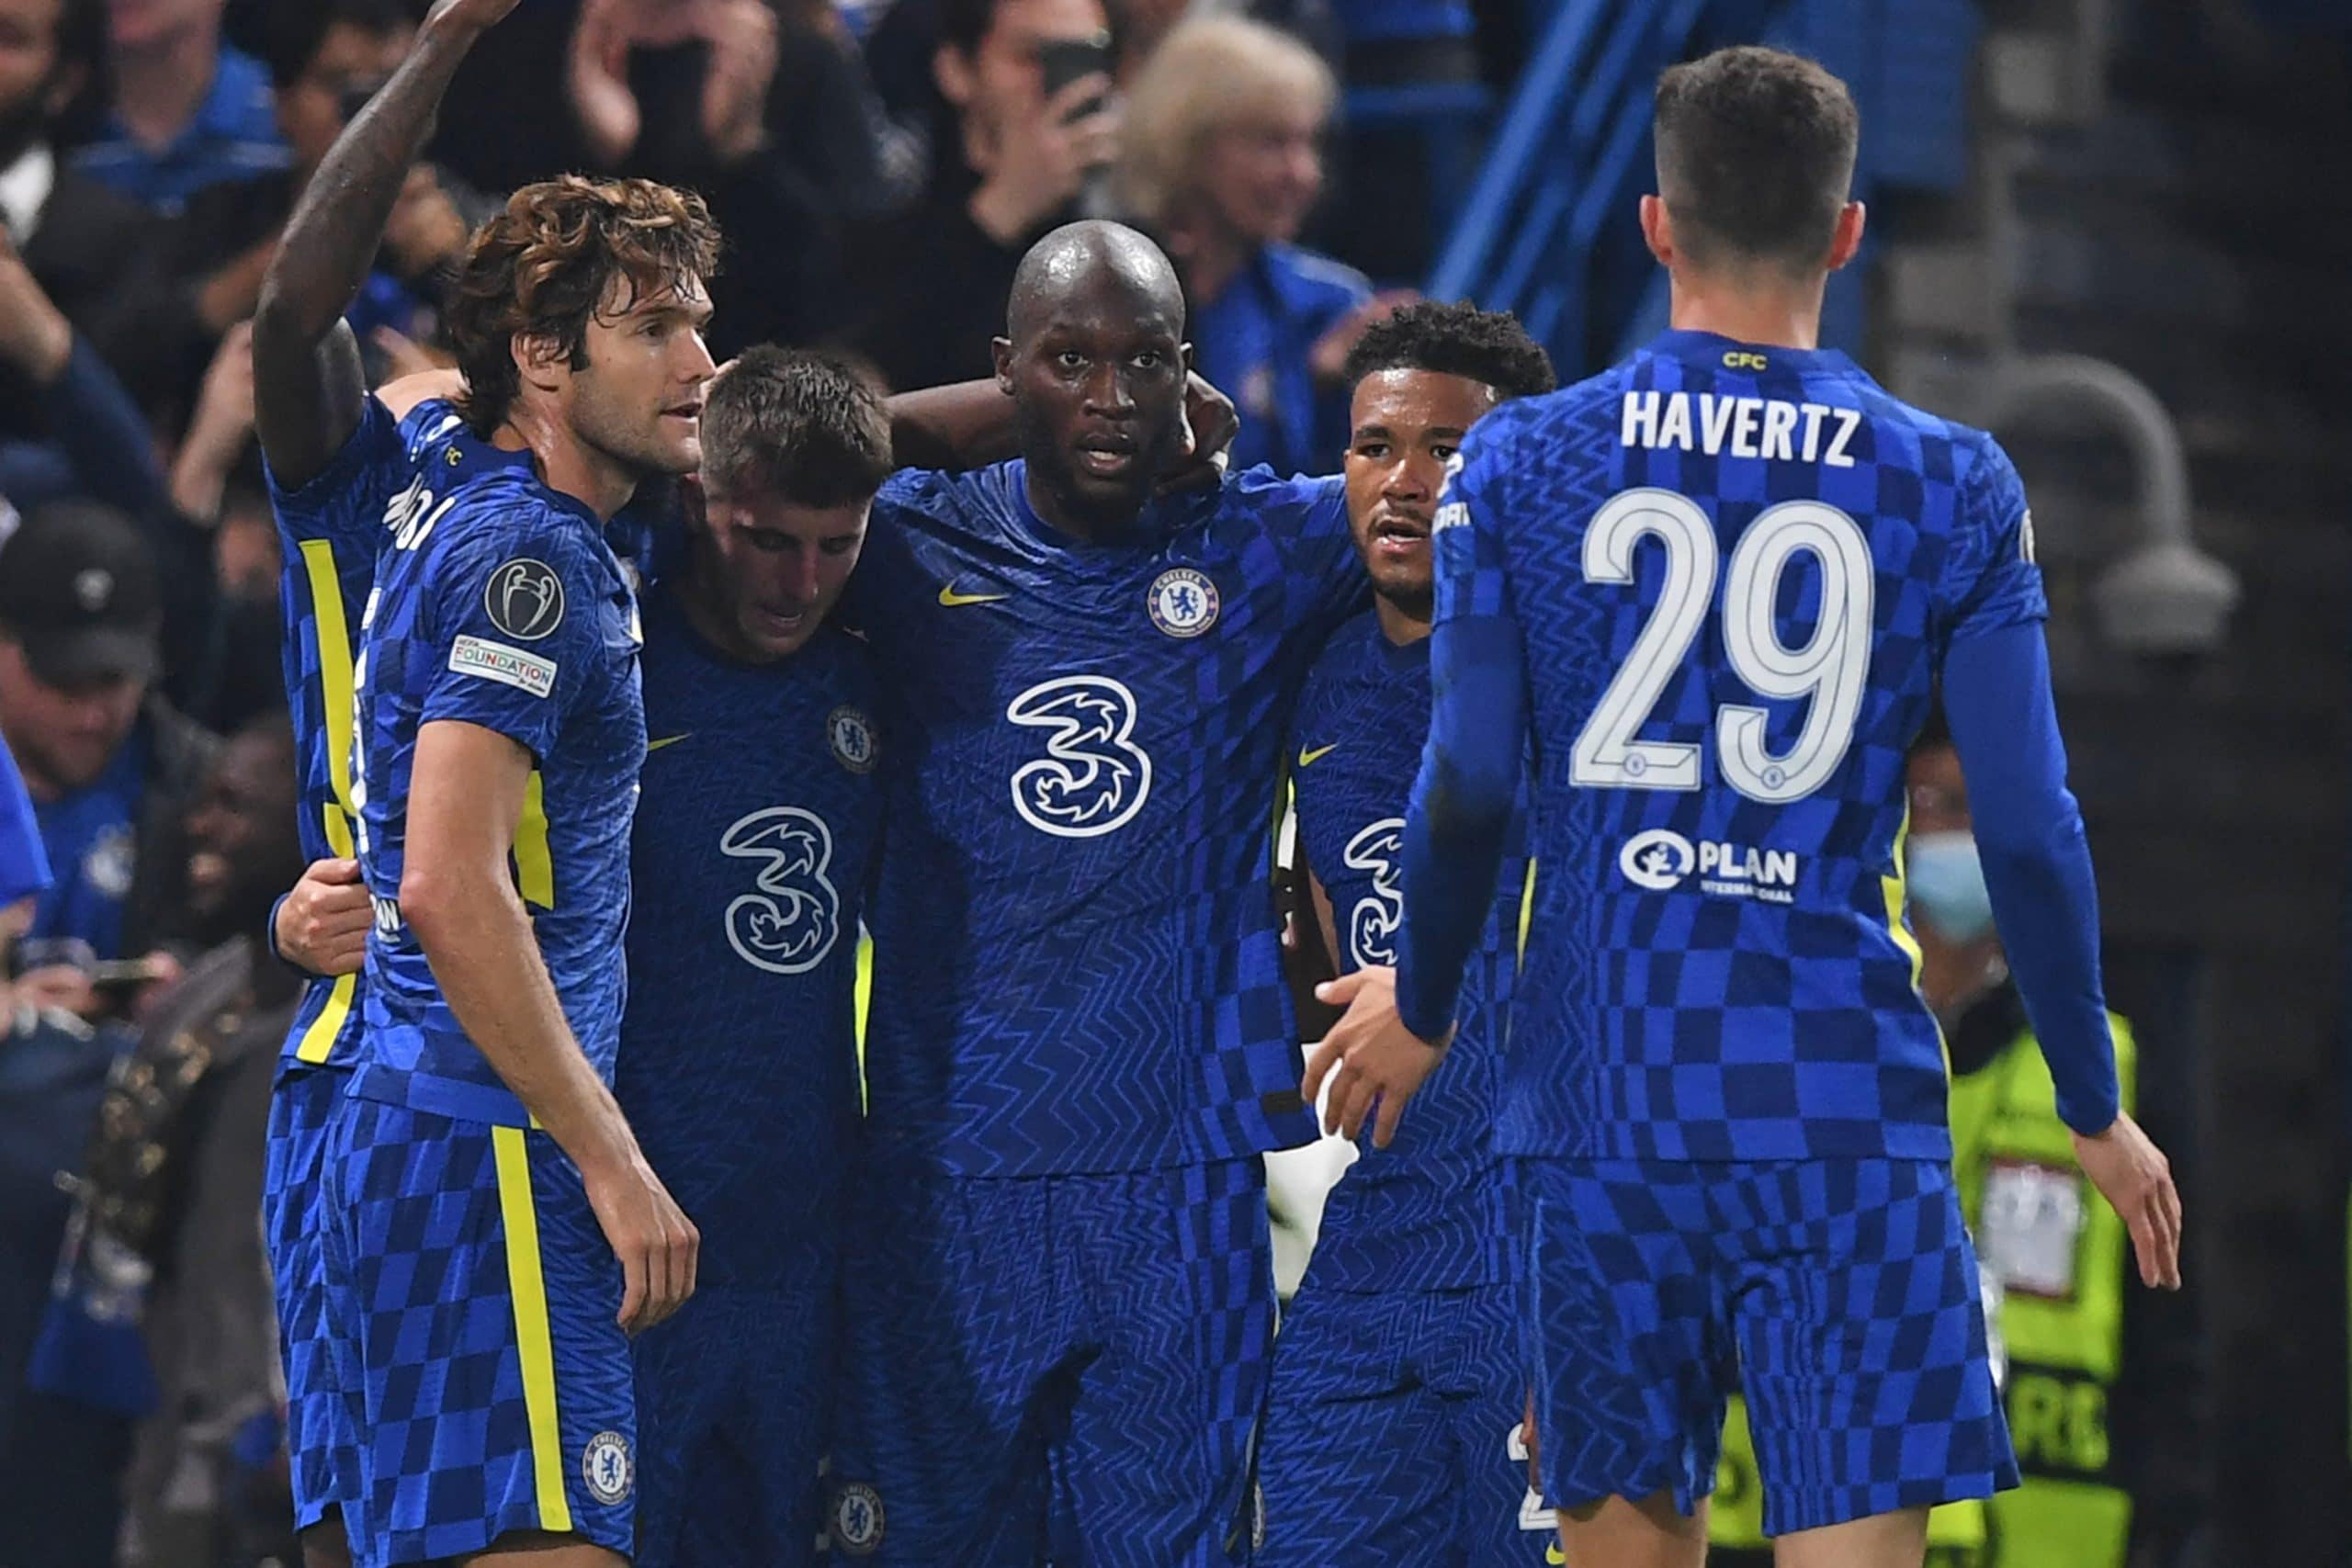 لوكاكو يقود تشيلسي بفوز صعب على زينيت في دوري أبطال أوروبا (شاهد)